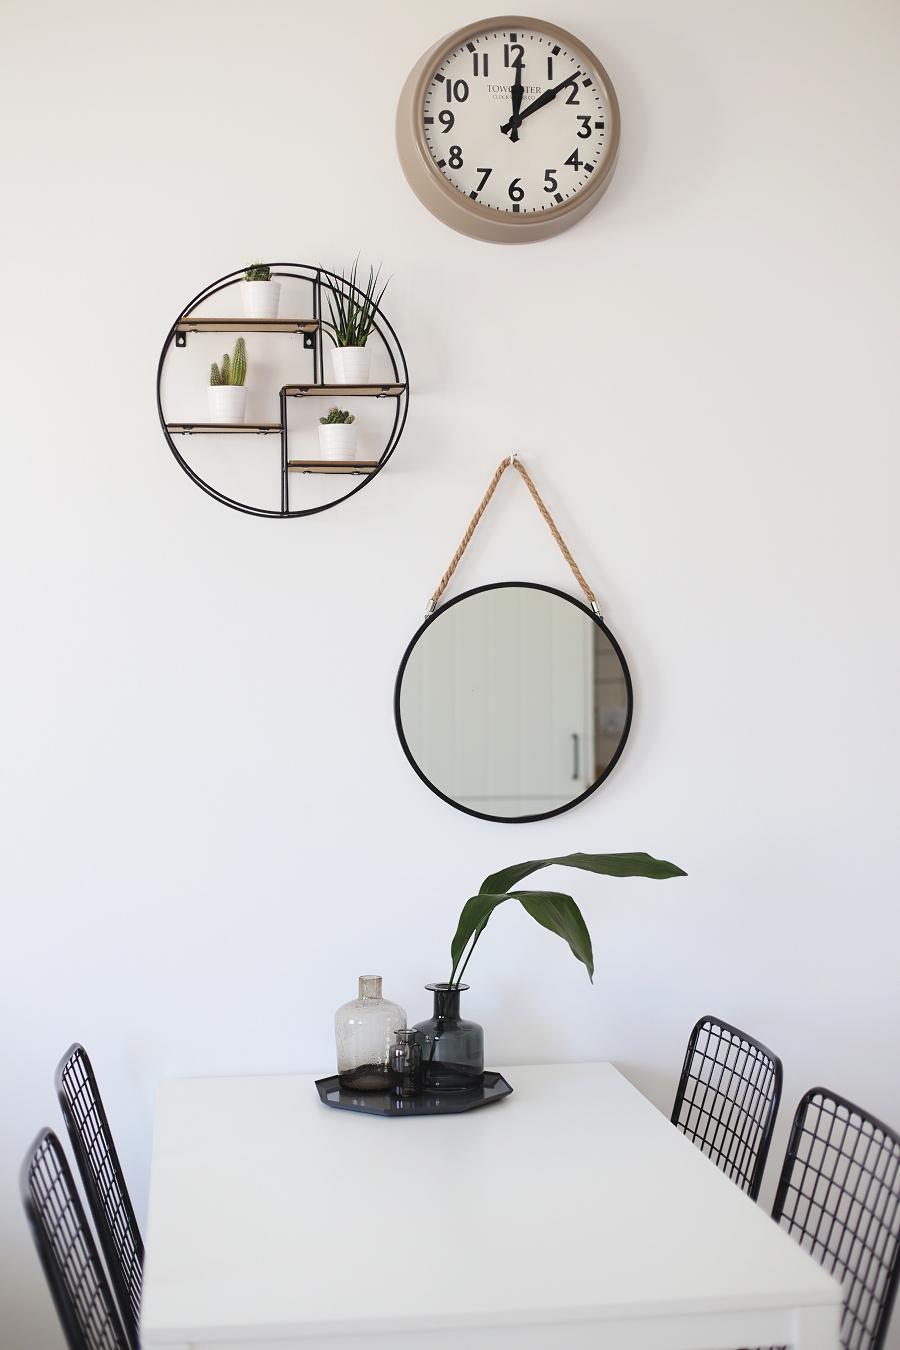 Jadalnia - biały stół, półka industrialna, zegar, lustro na sznurku, ręcznie robione krzesła metalowe